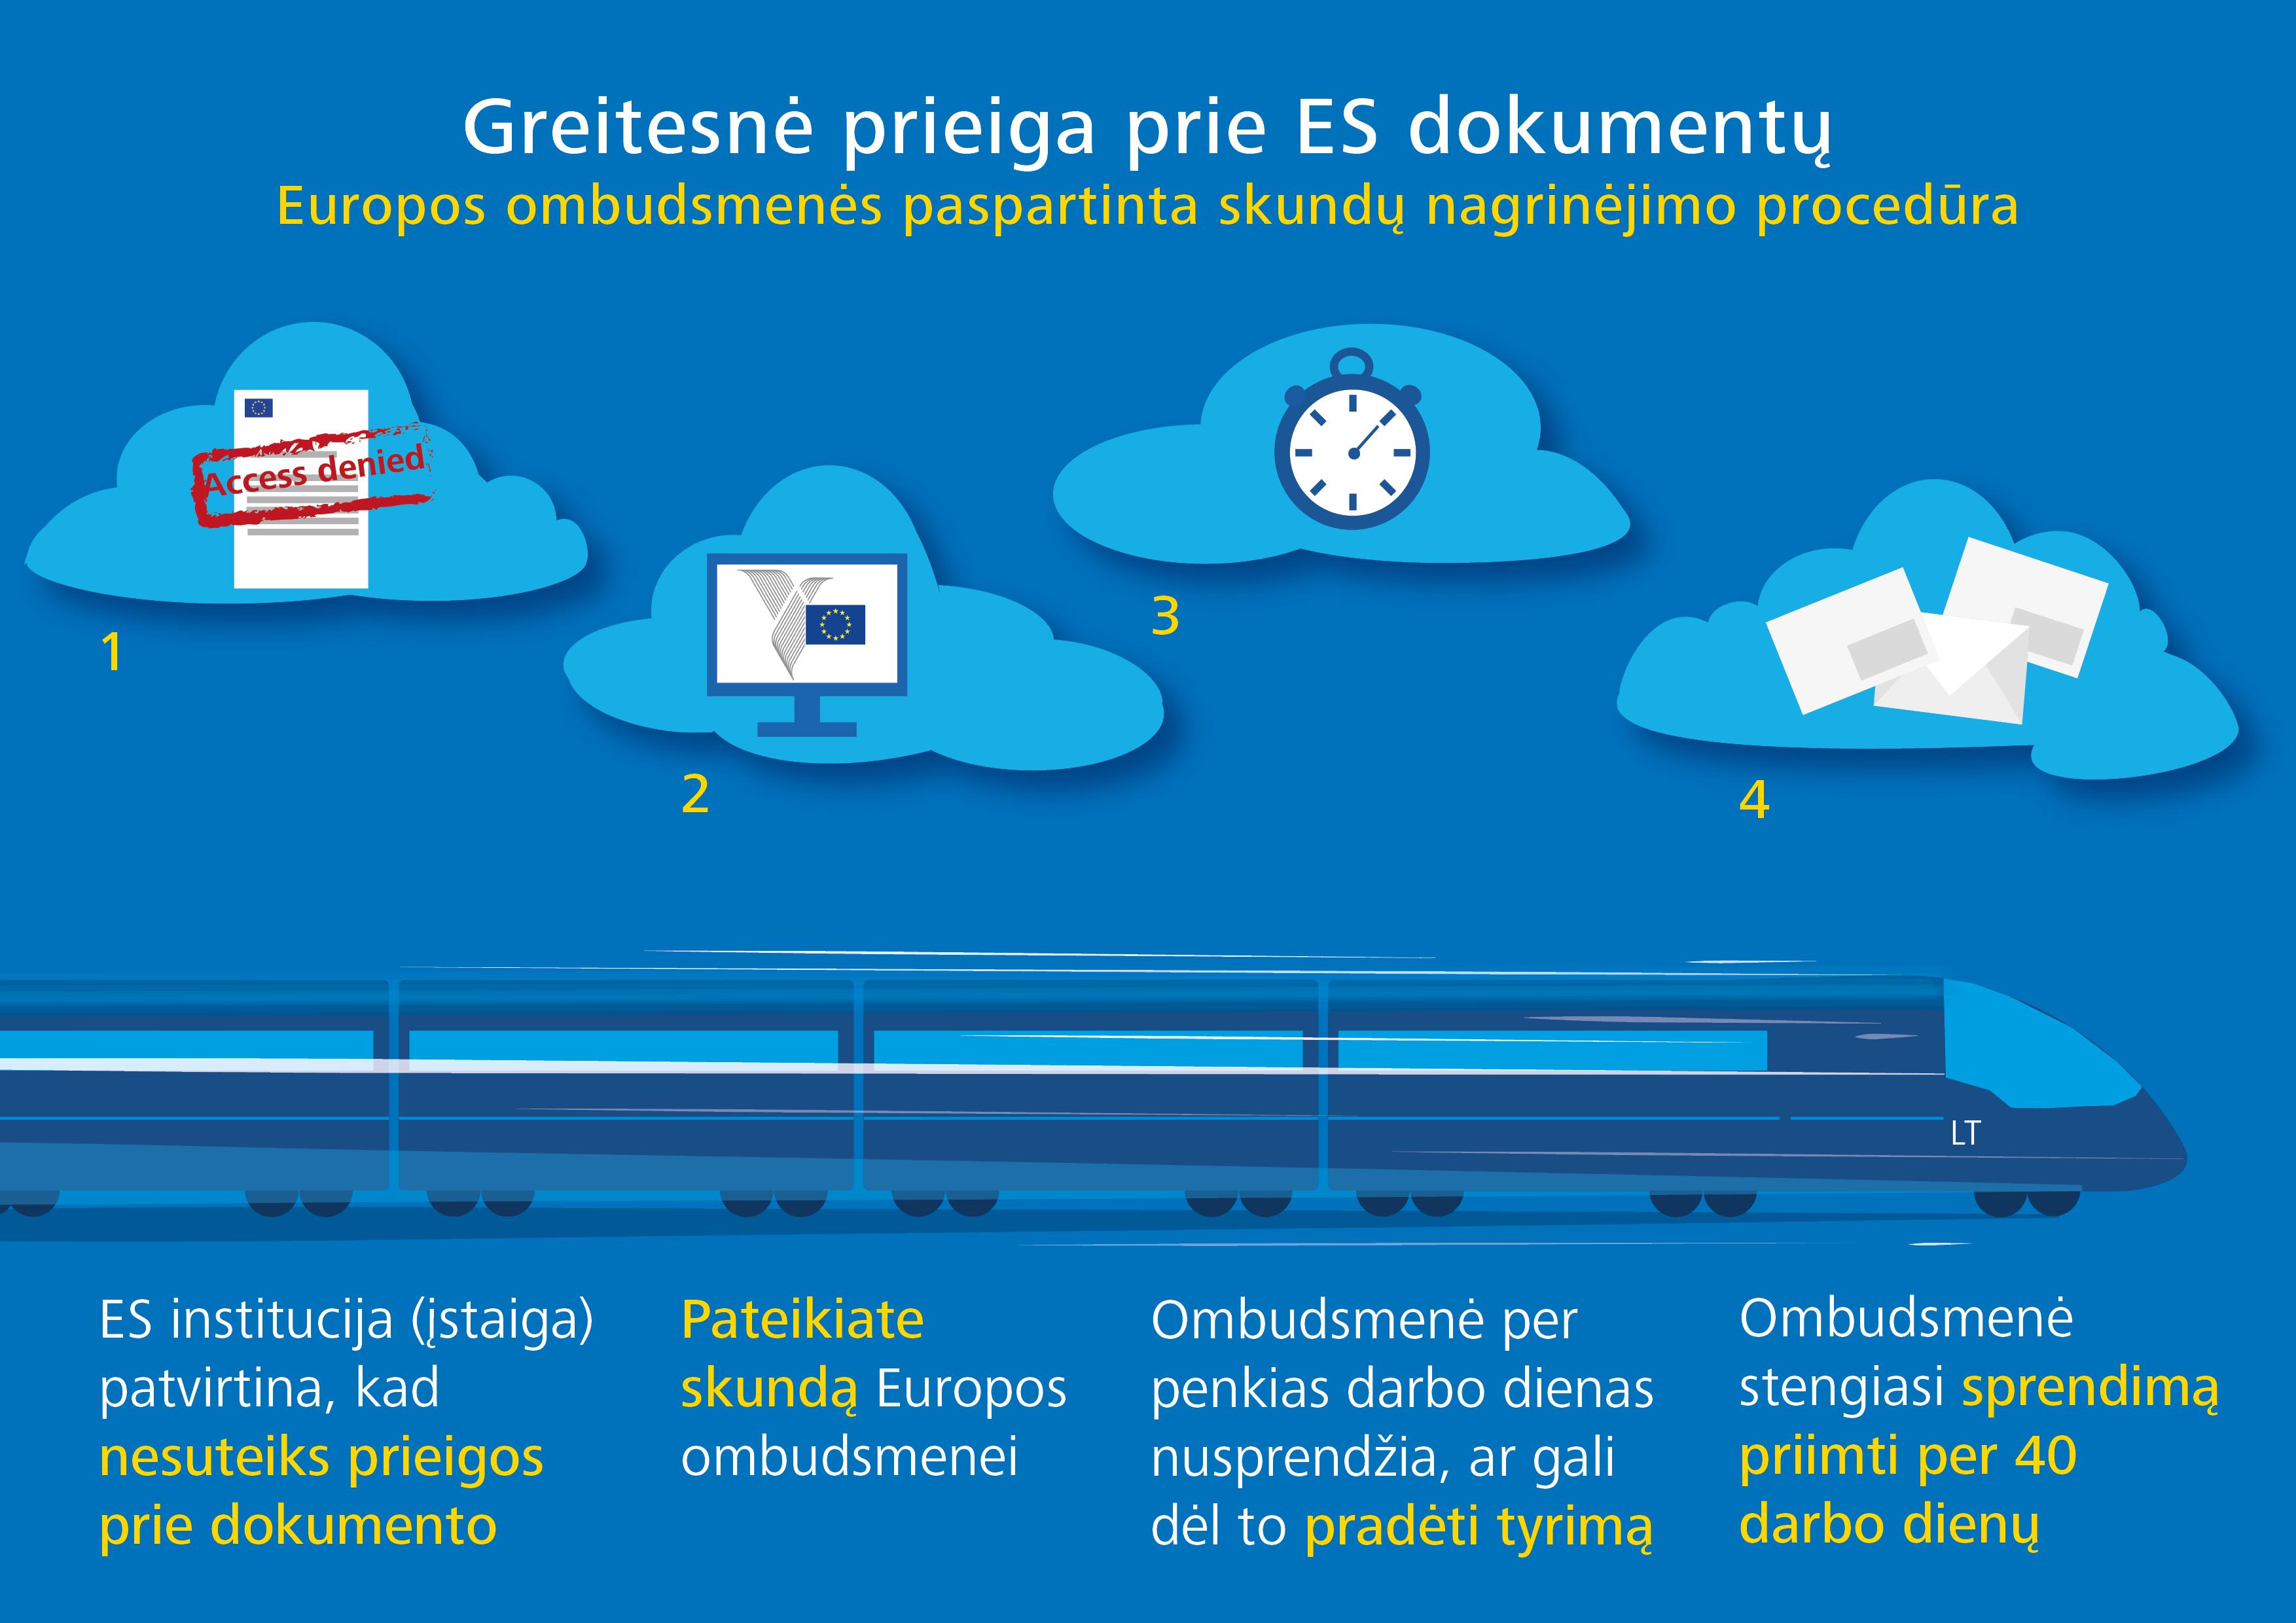 Greitesnė prieiga prie ES dokumentų